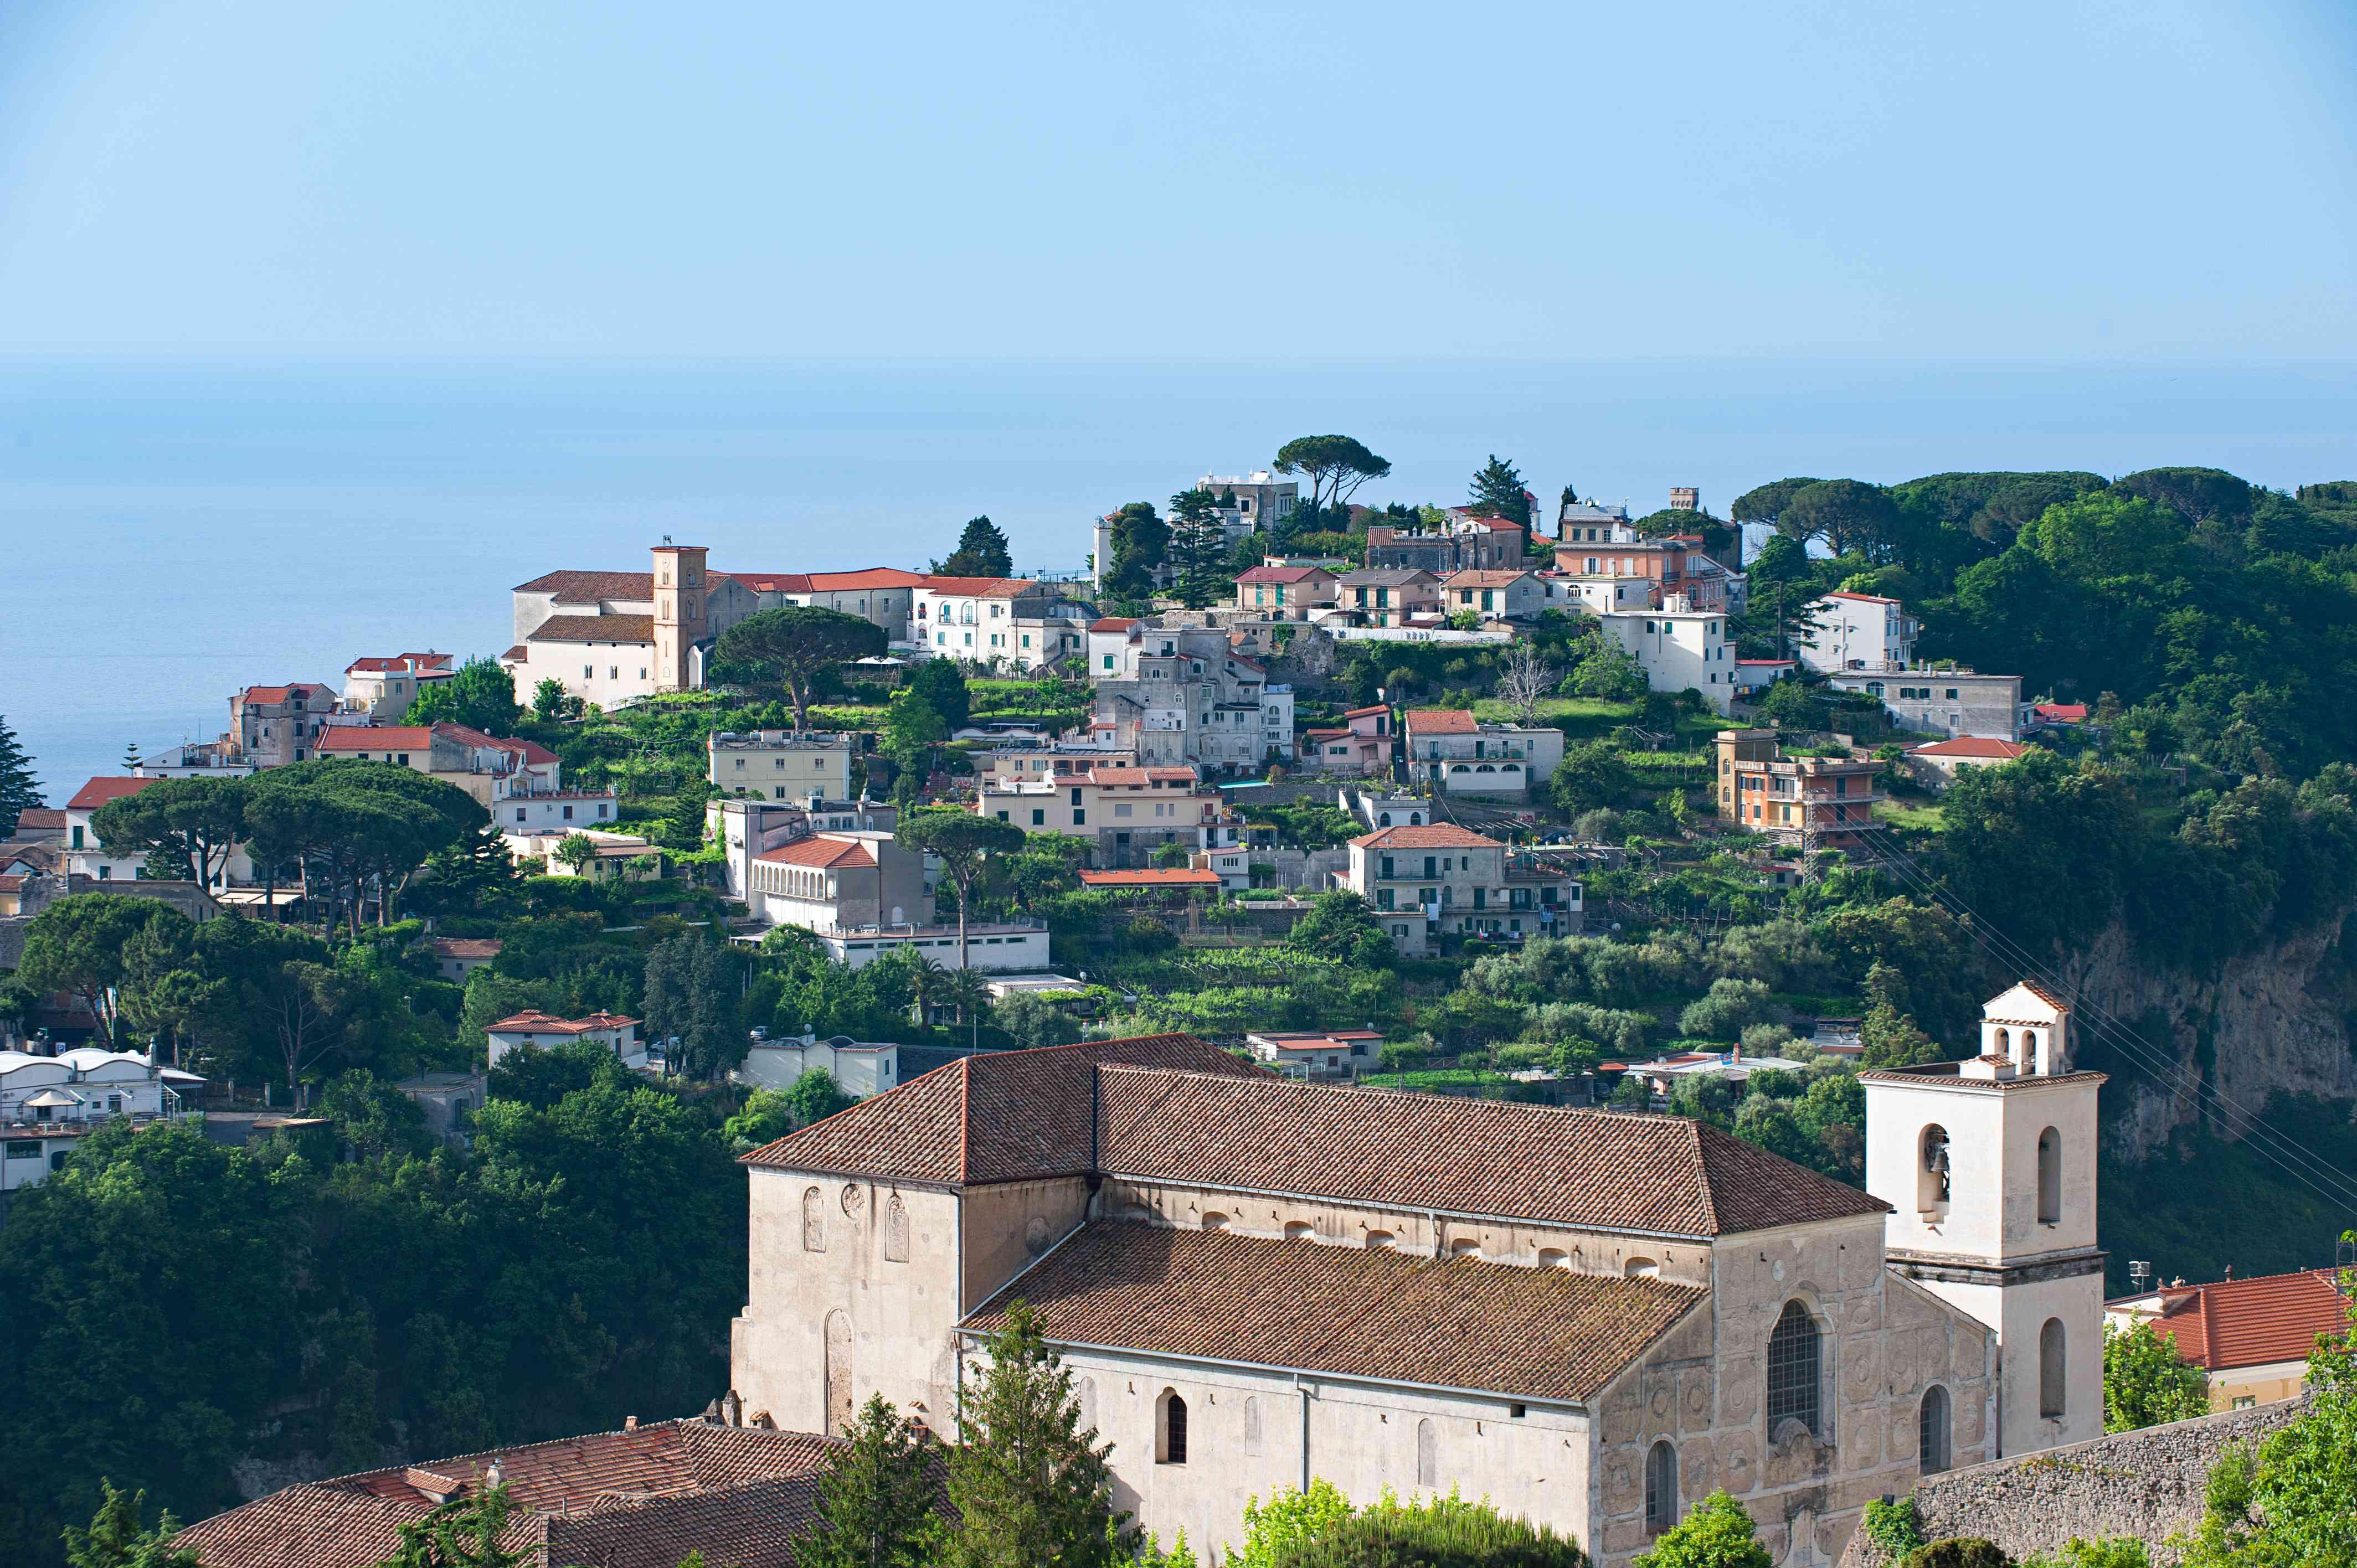 Vista de Ravello desde el pueblo de Scala